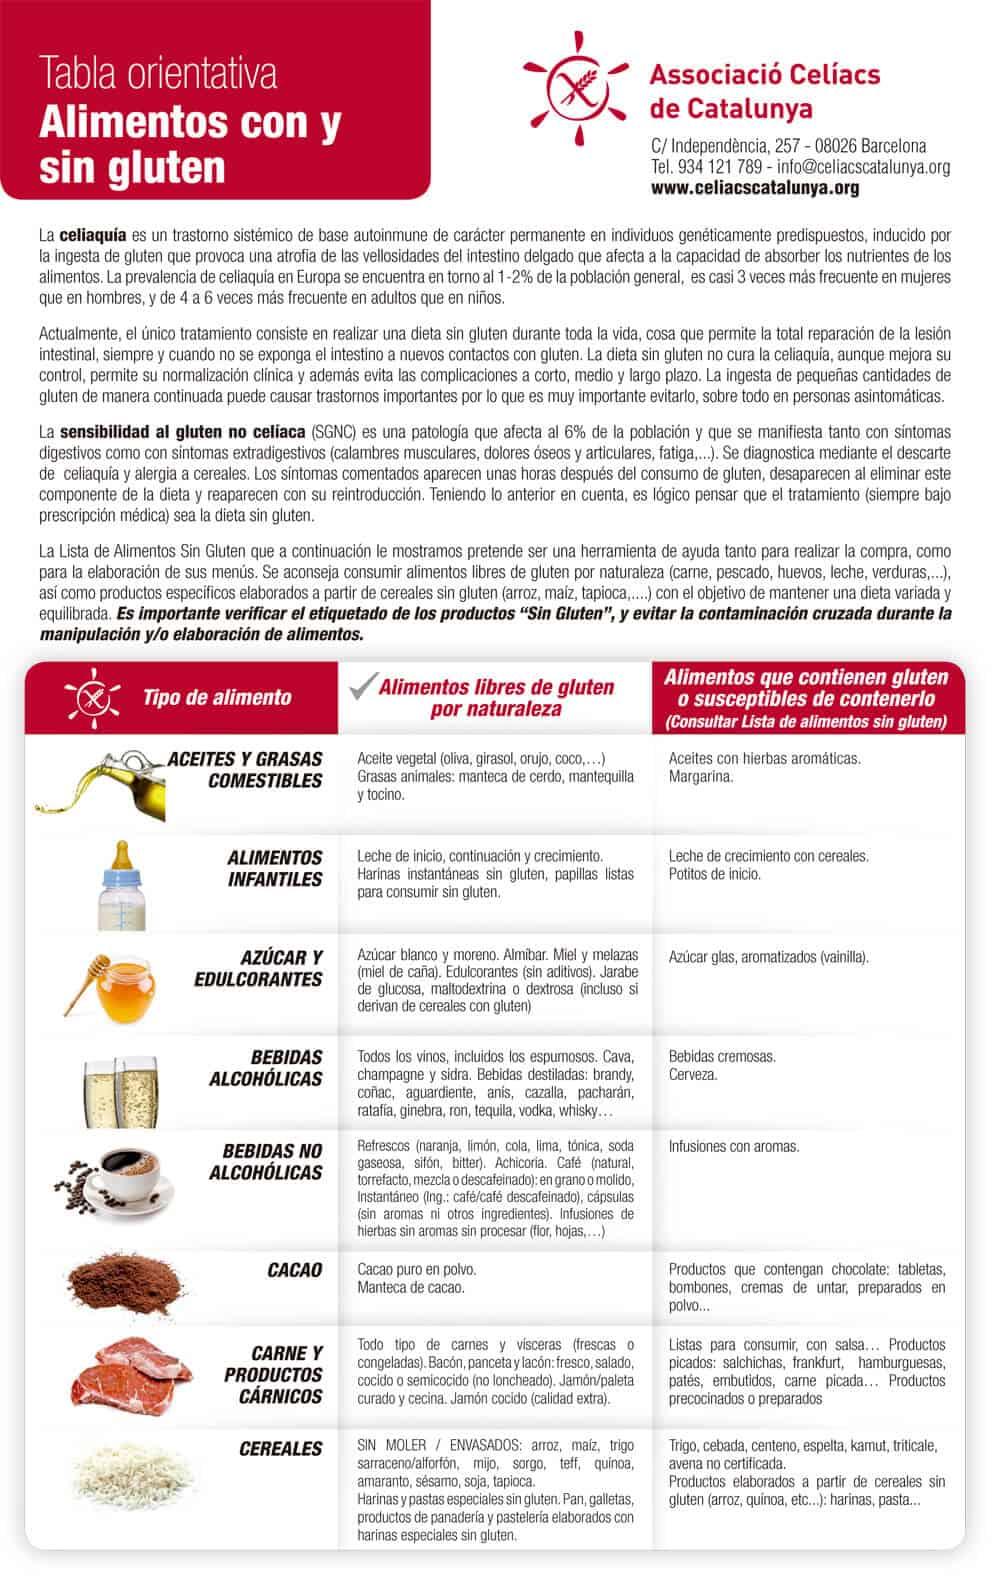 celiacos 1 (1)